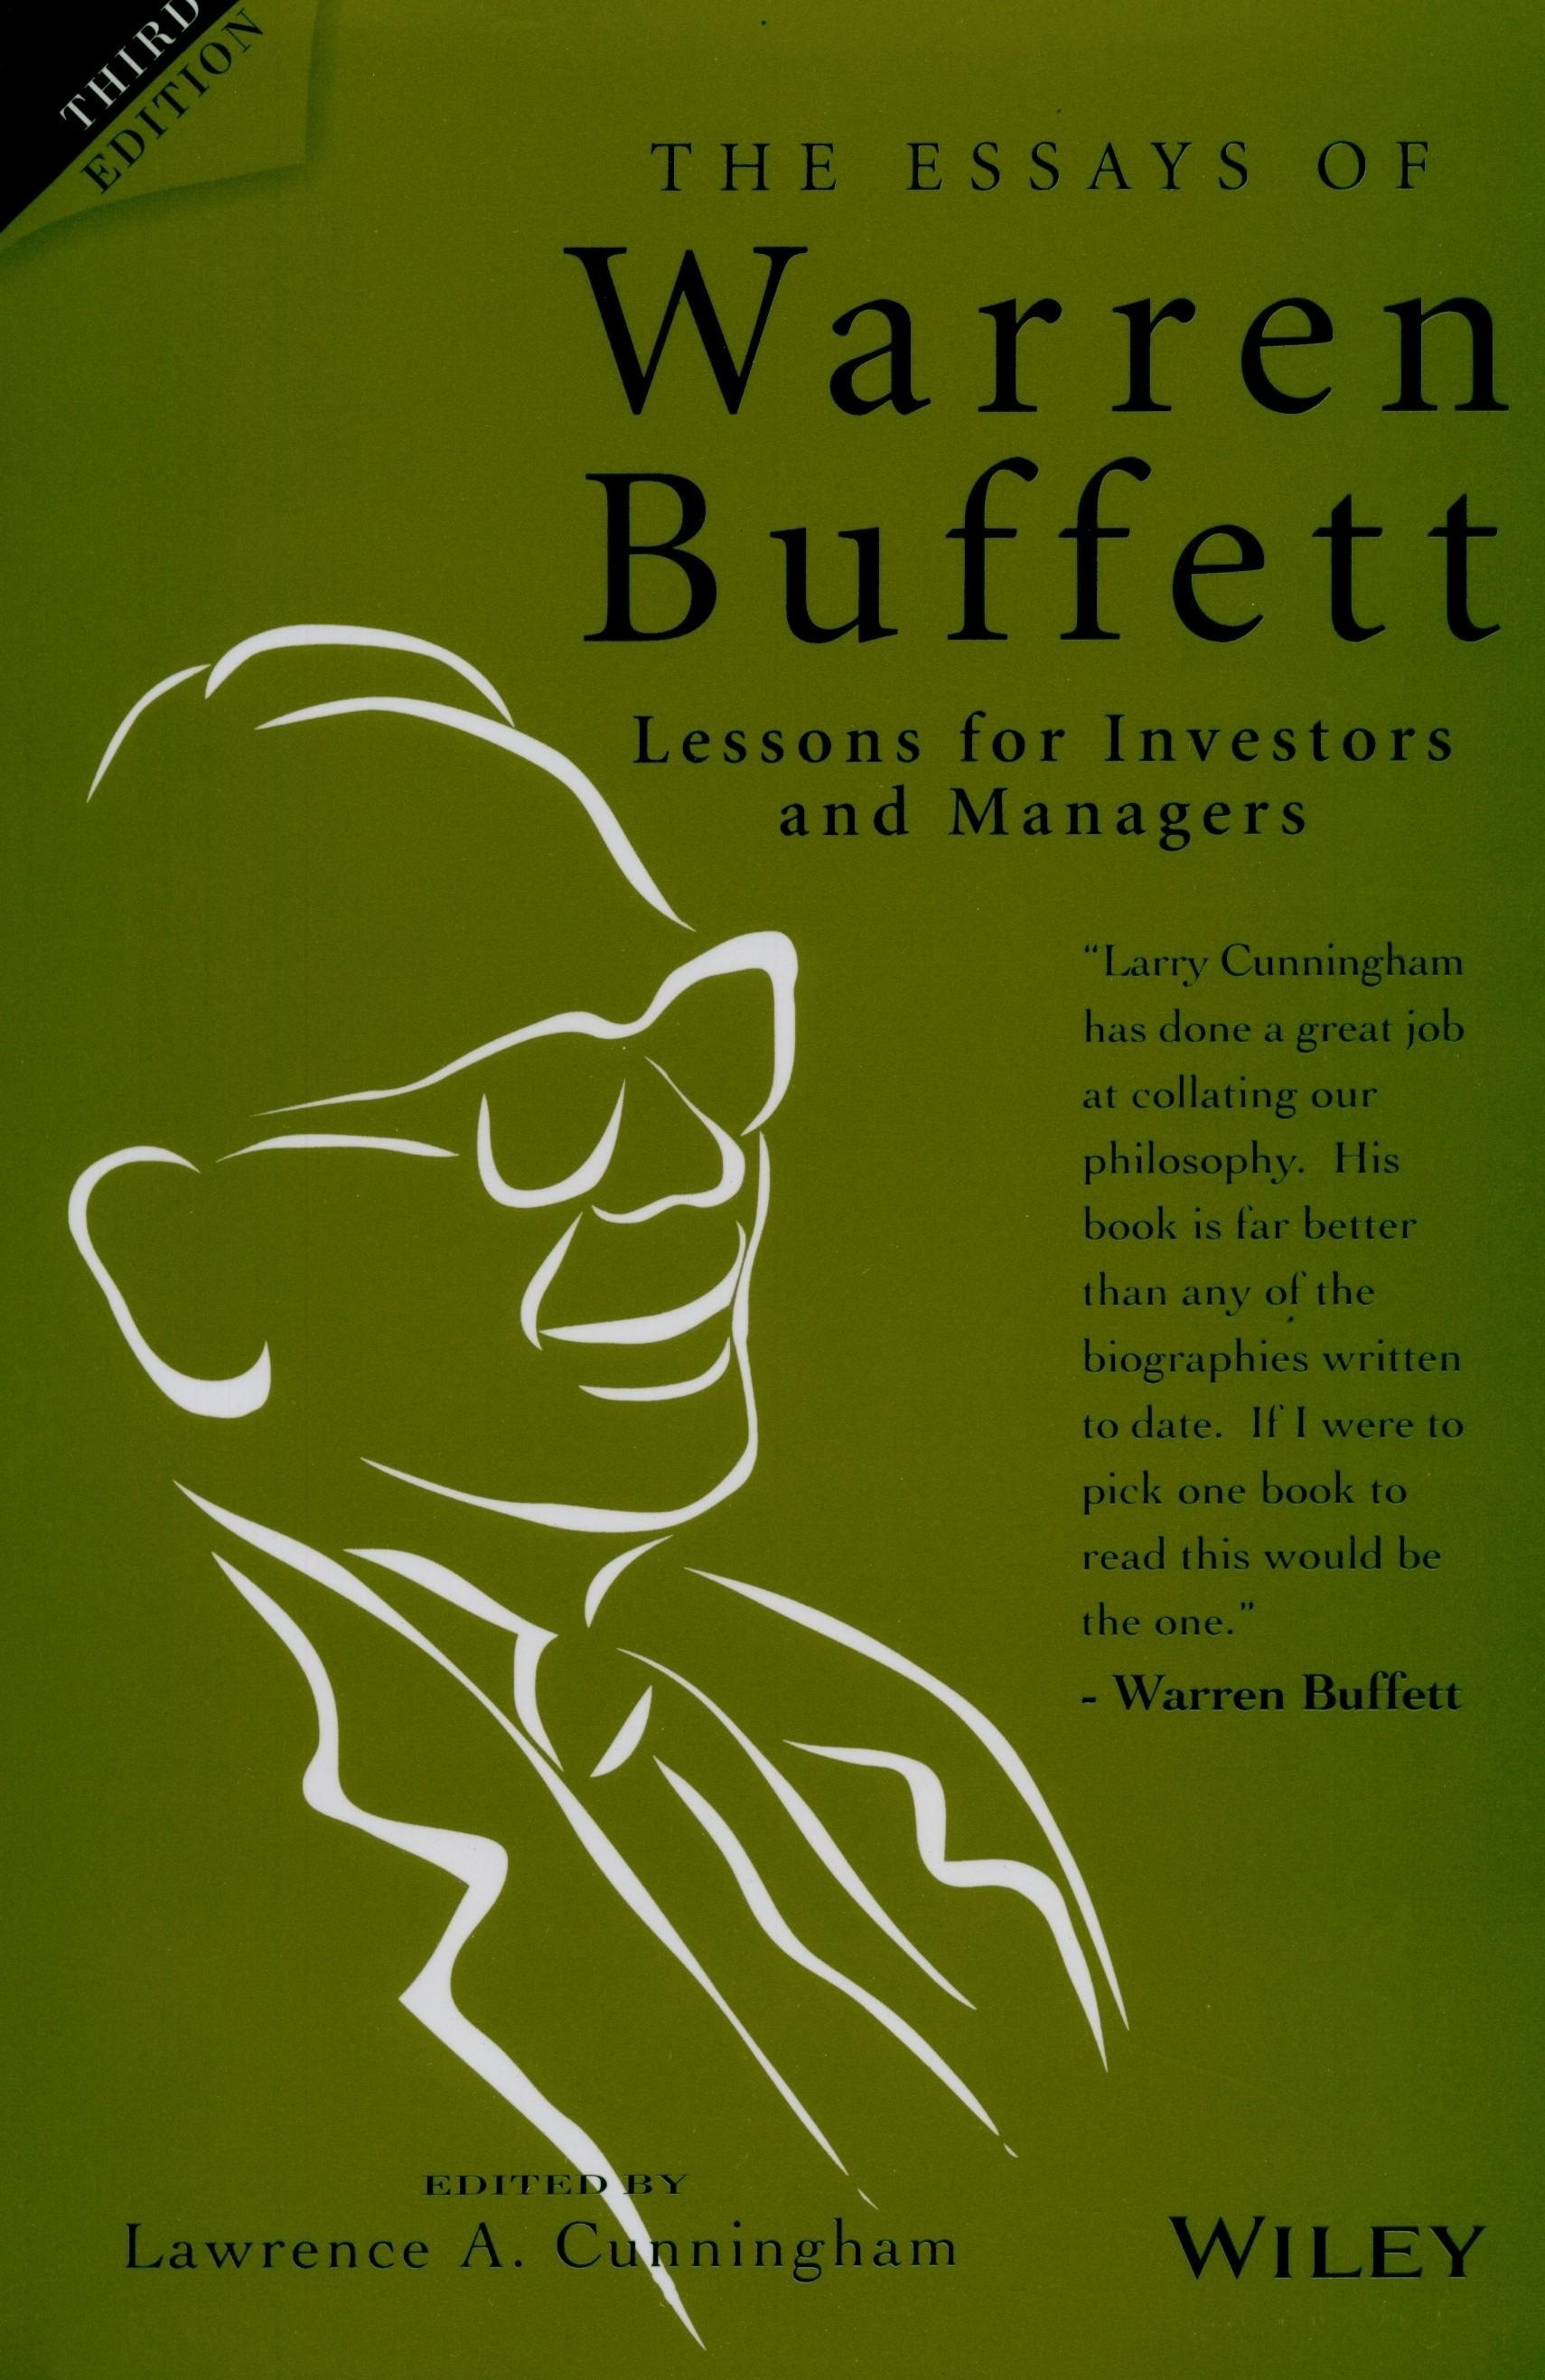 essays warren buffett book review